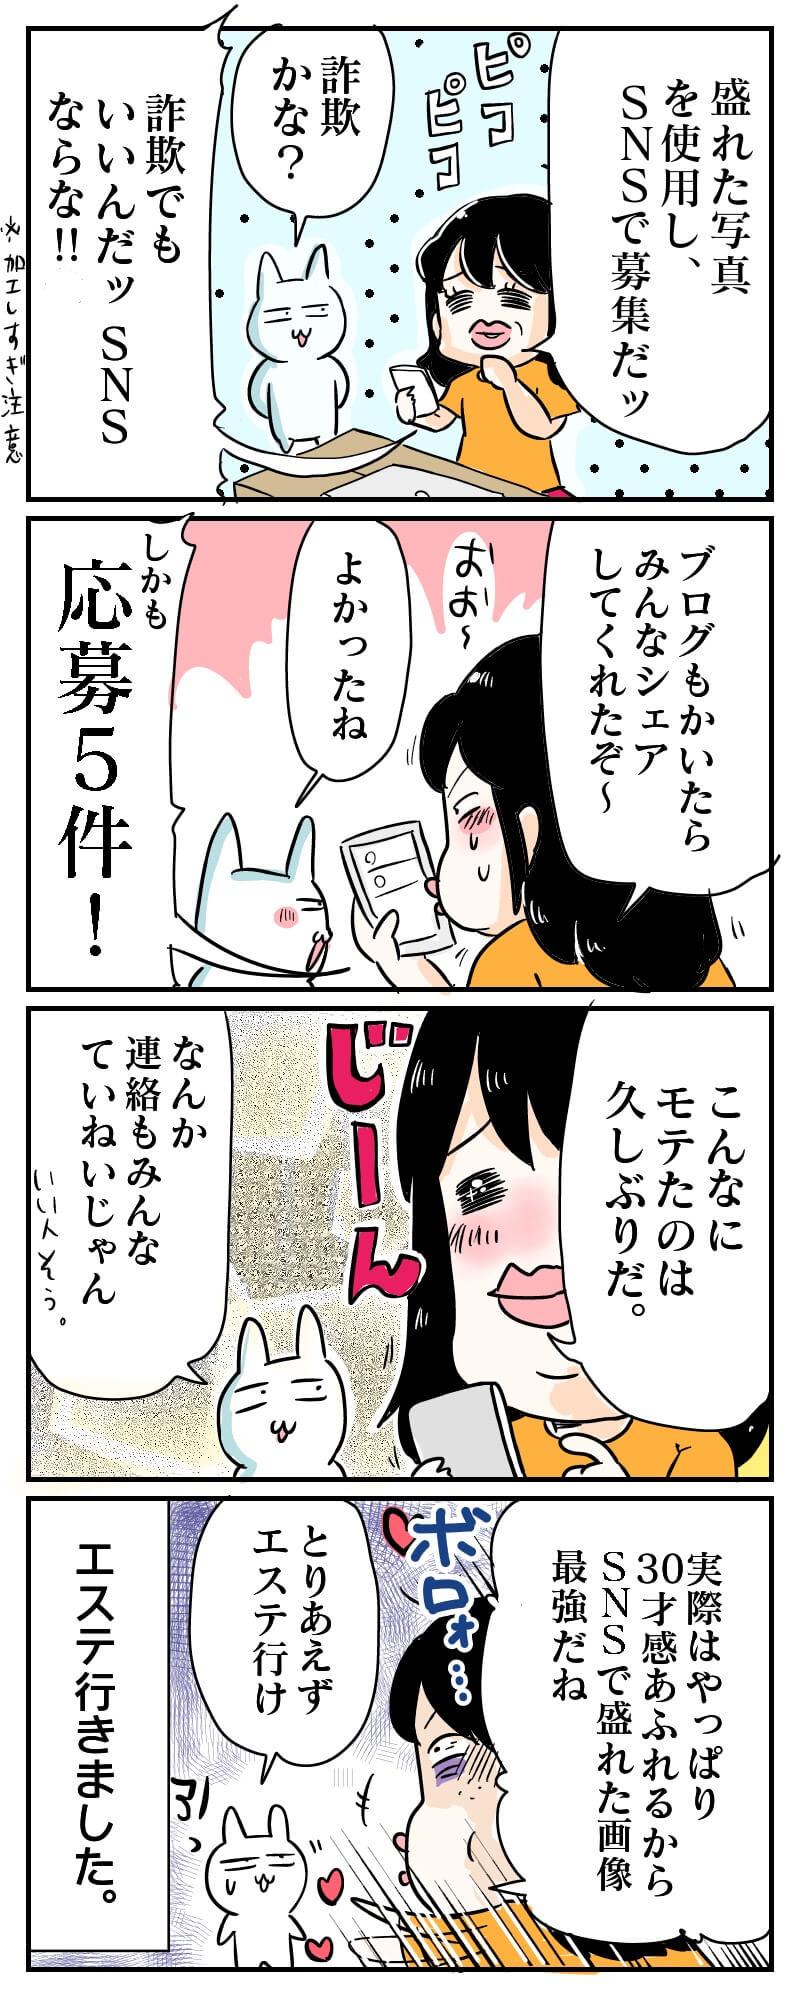 アラサーsns恋活マンガ2